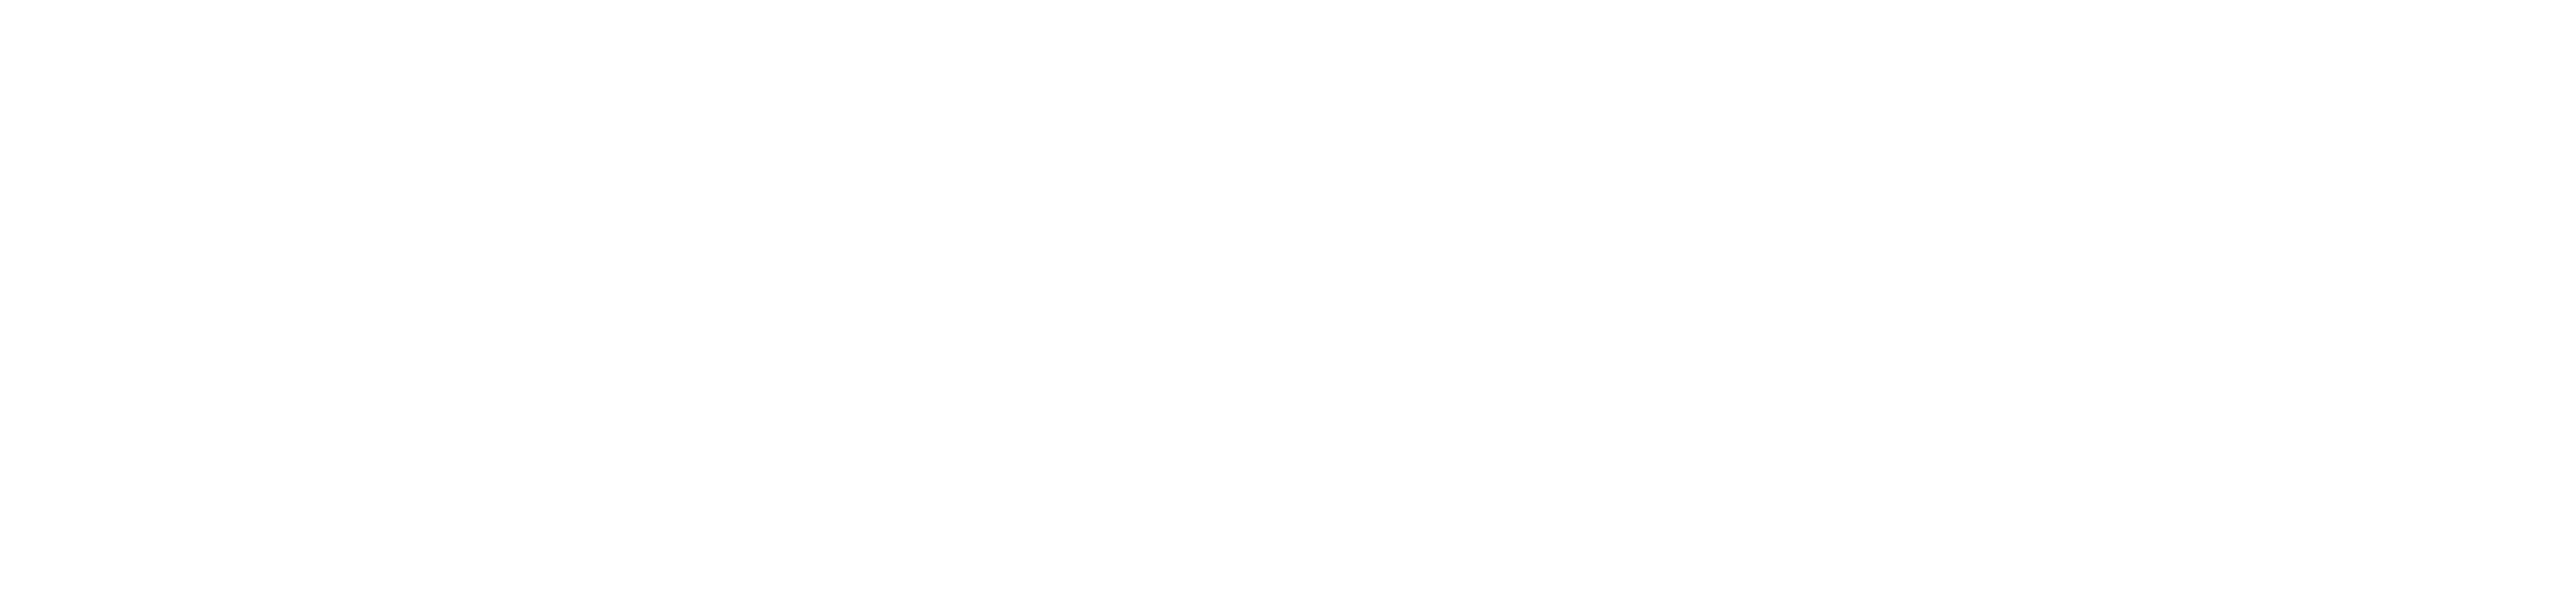 Haugholt interiør